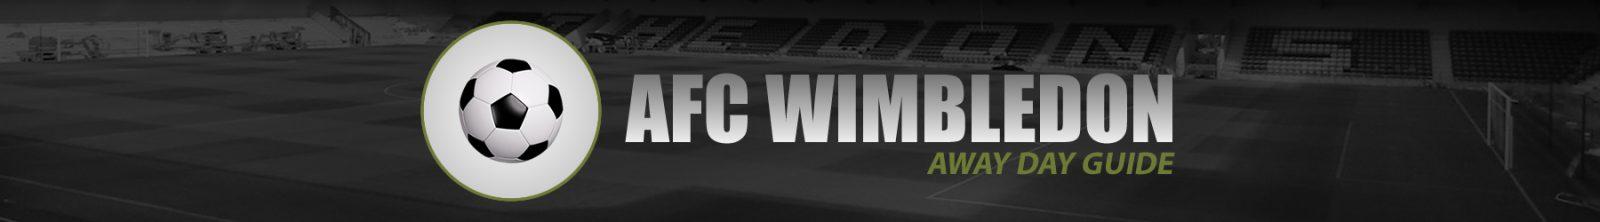 AFC Wimbledon Away